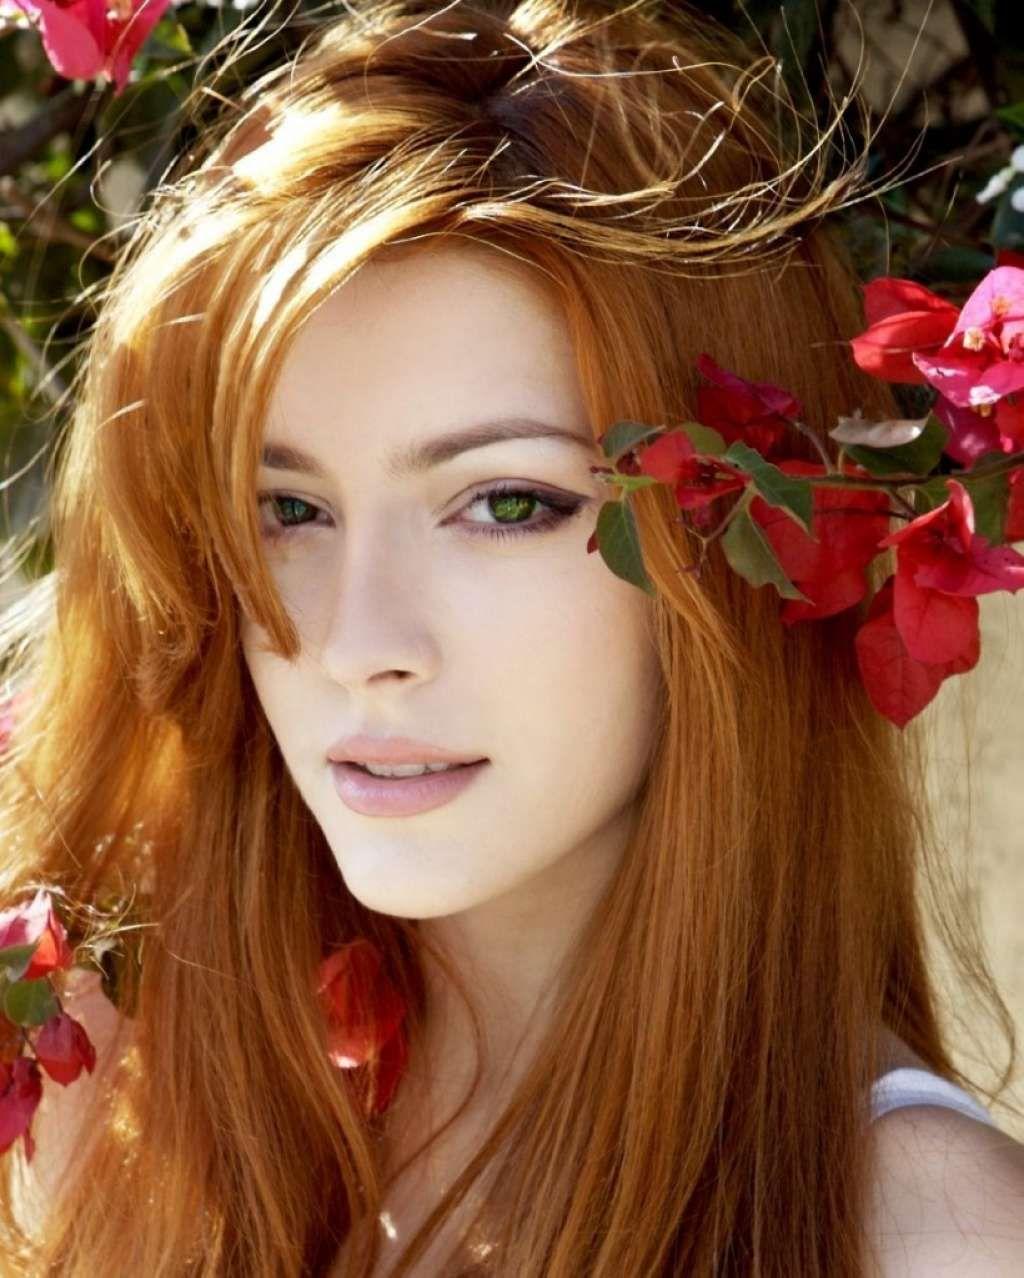 Naked irish redhead women